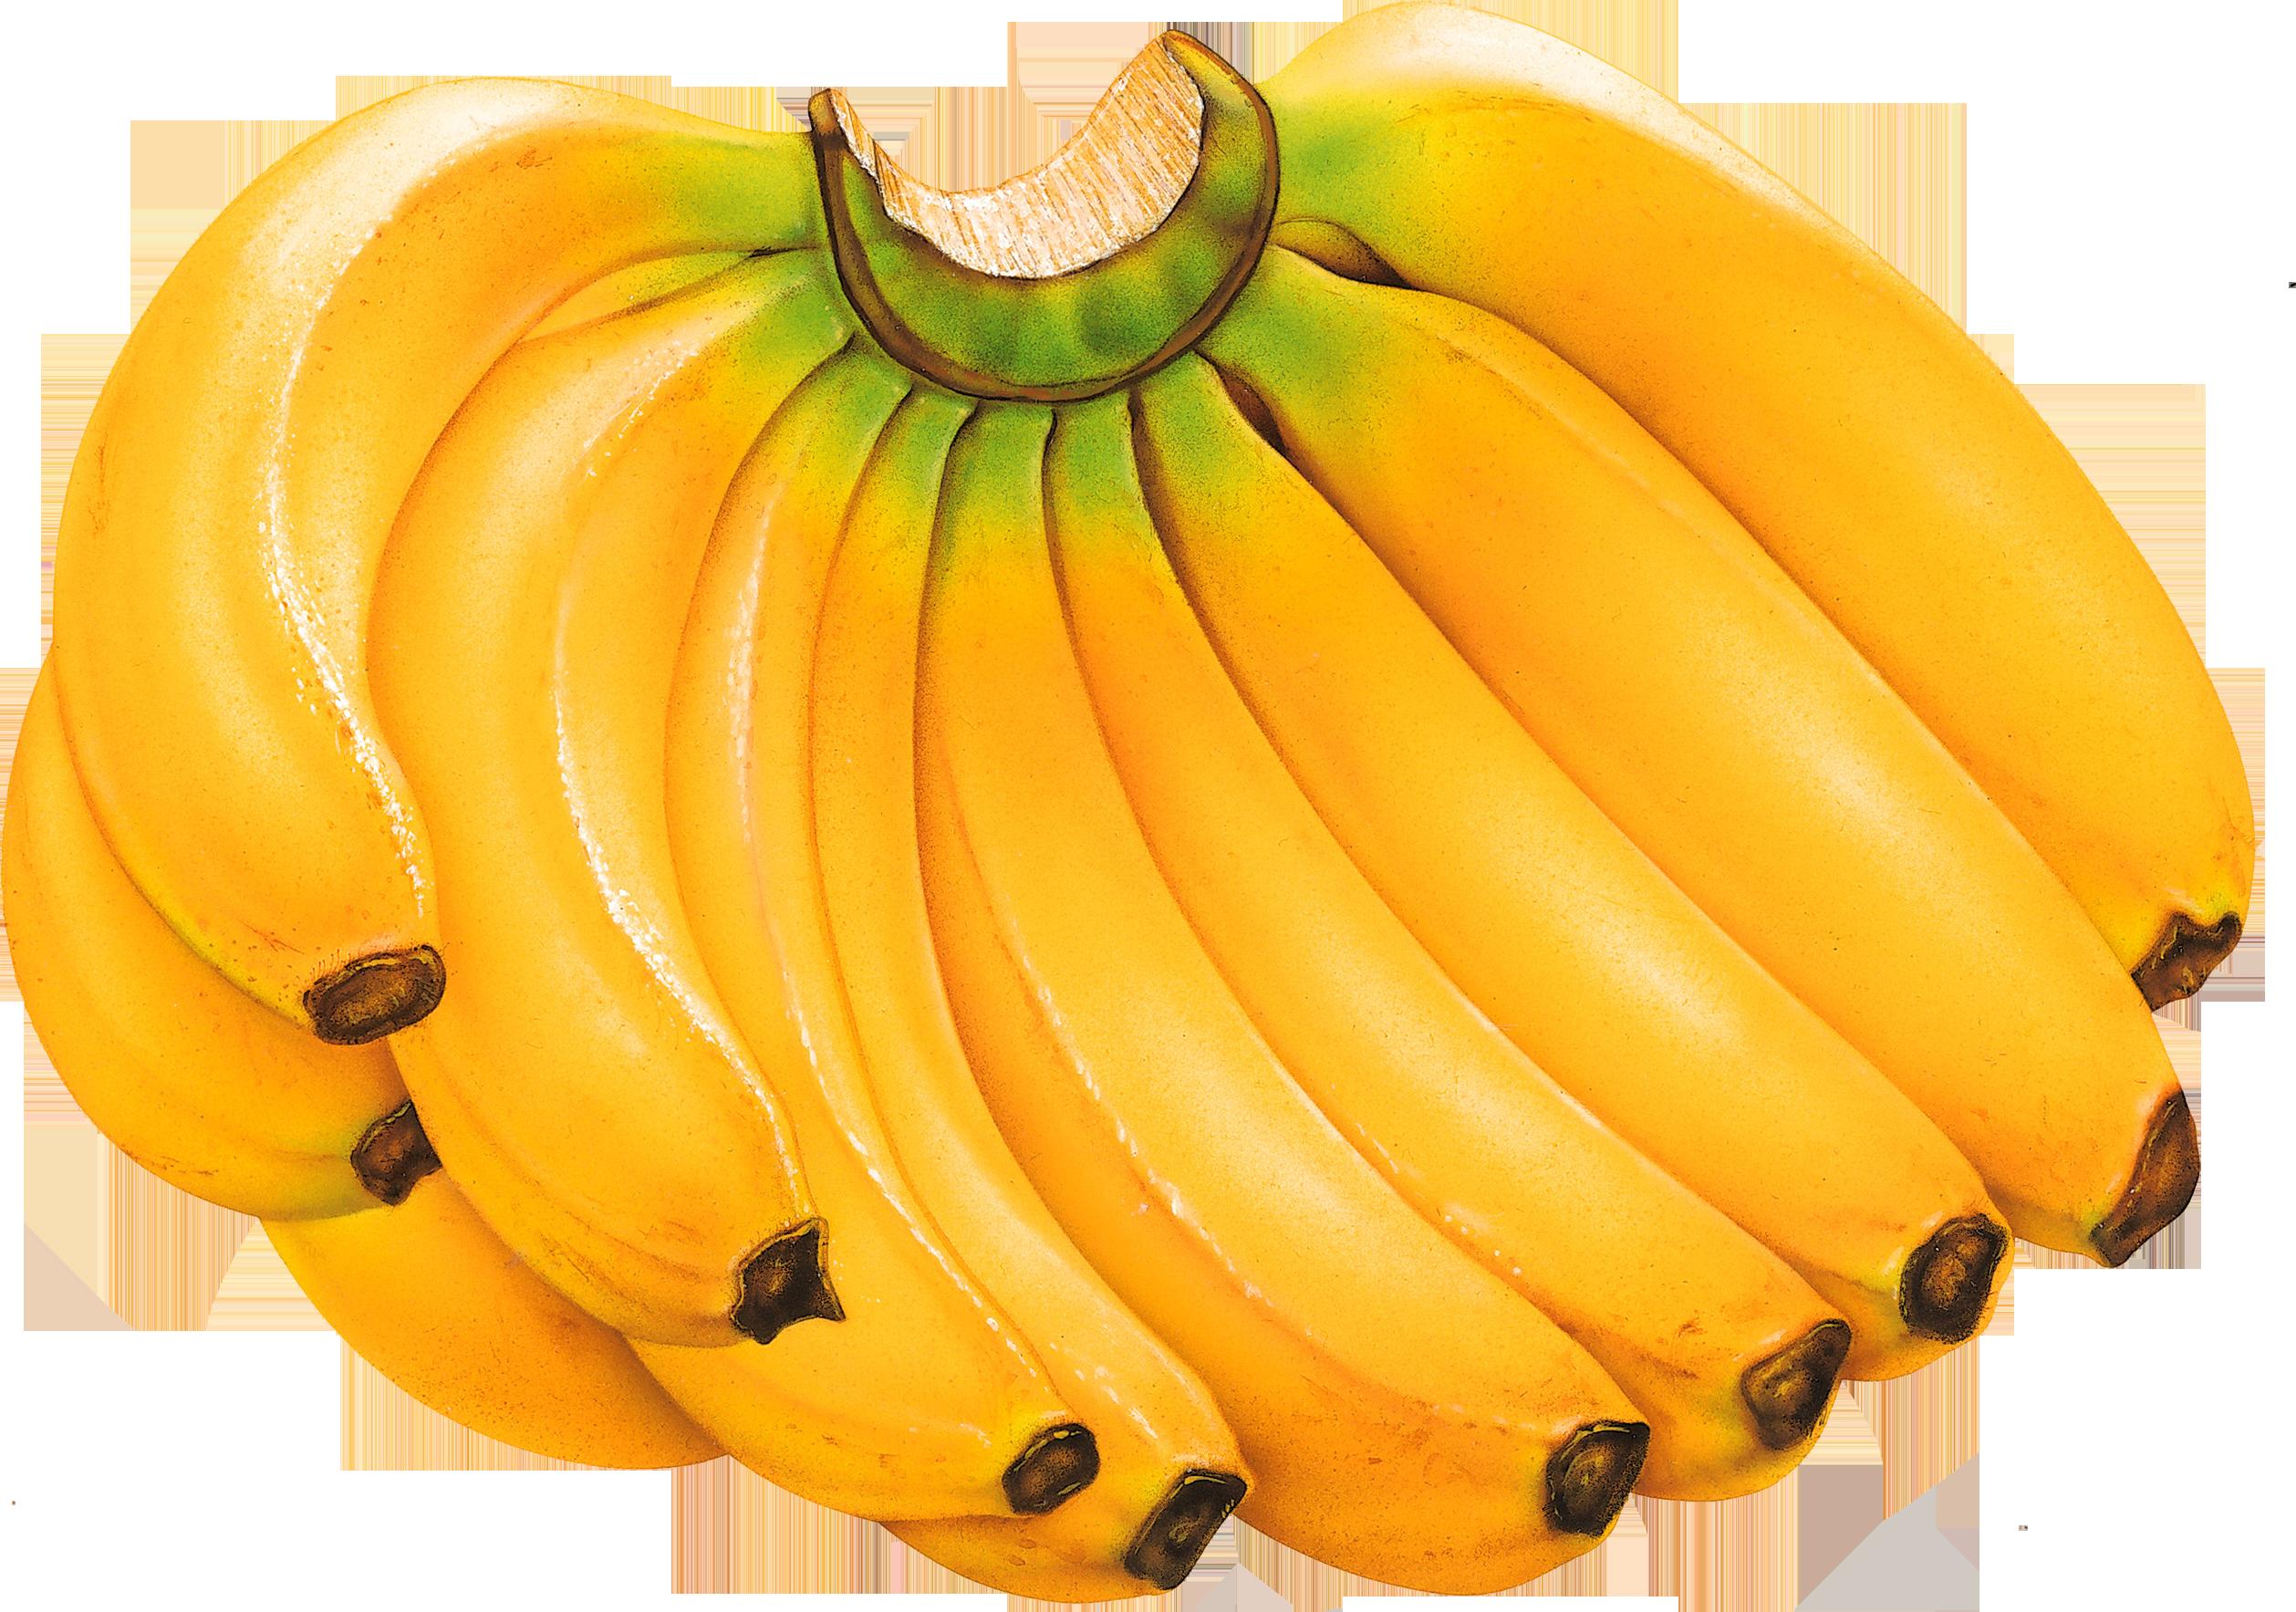 Banana Drawing